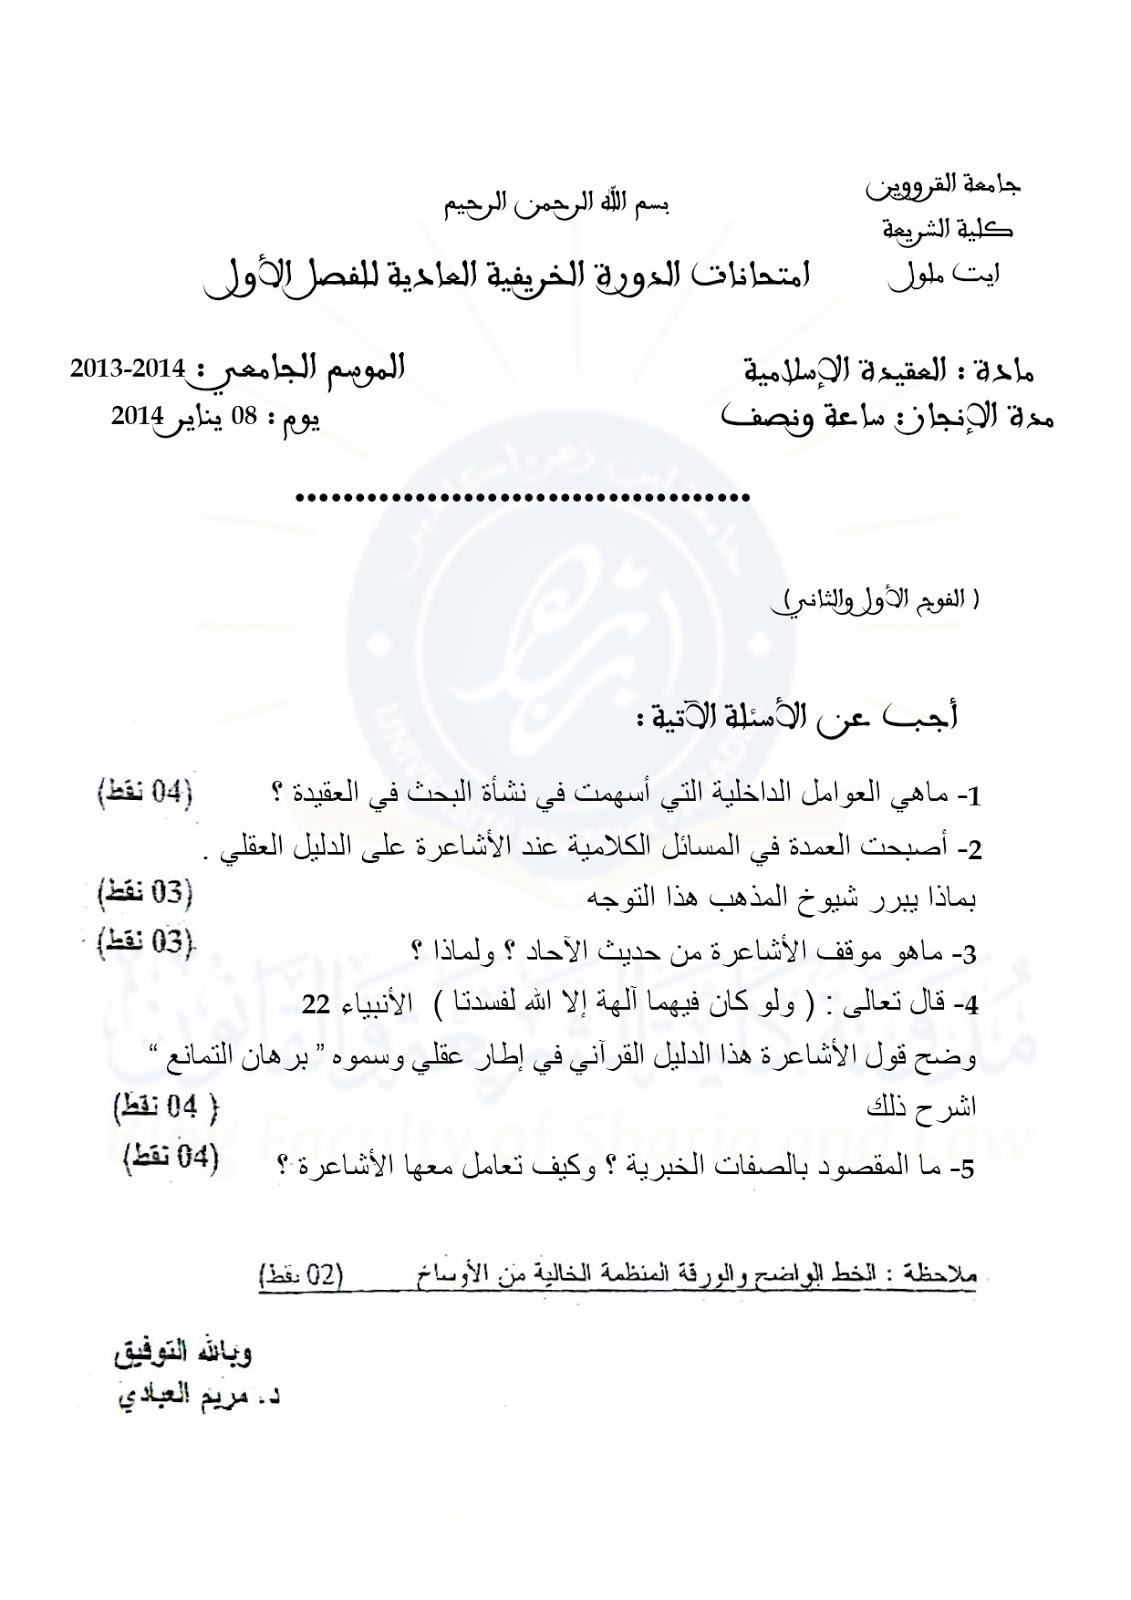 امتحانات مادة العقيدة والفكر الإسلامي دة.العبادي